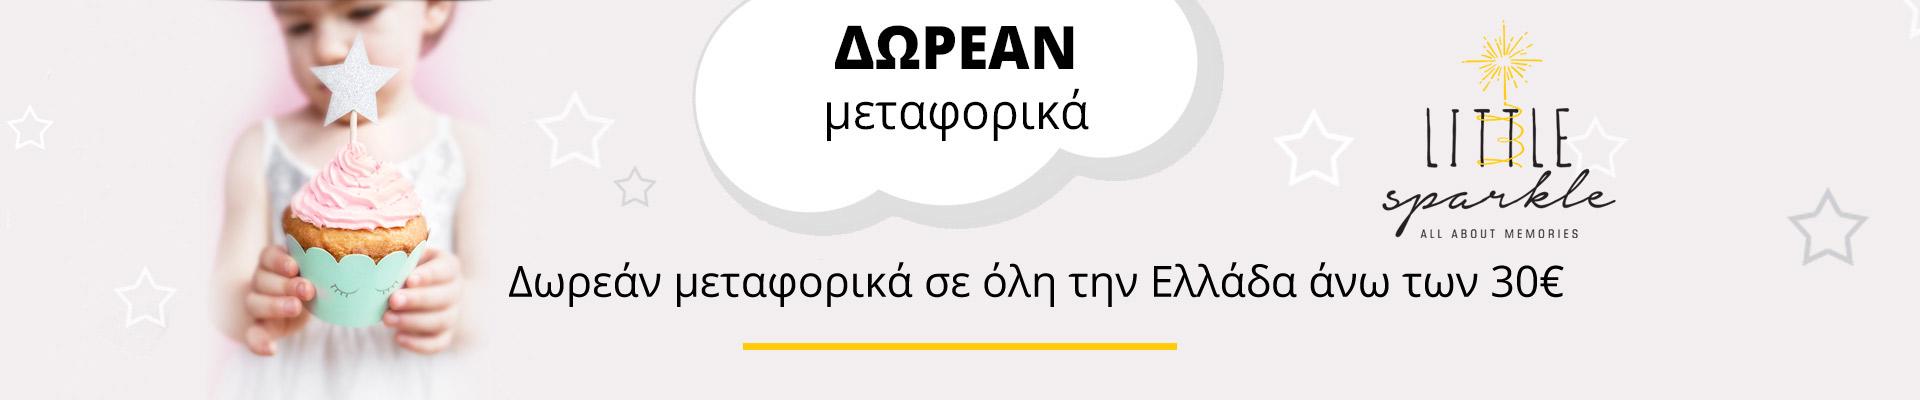 ΔΩΡΕΑΝ ΜΕΤΑΦΟΡΙΚΑ